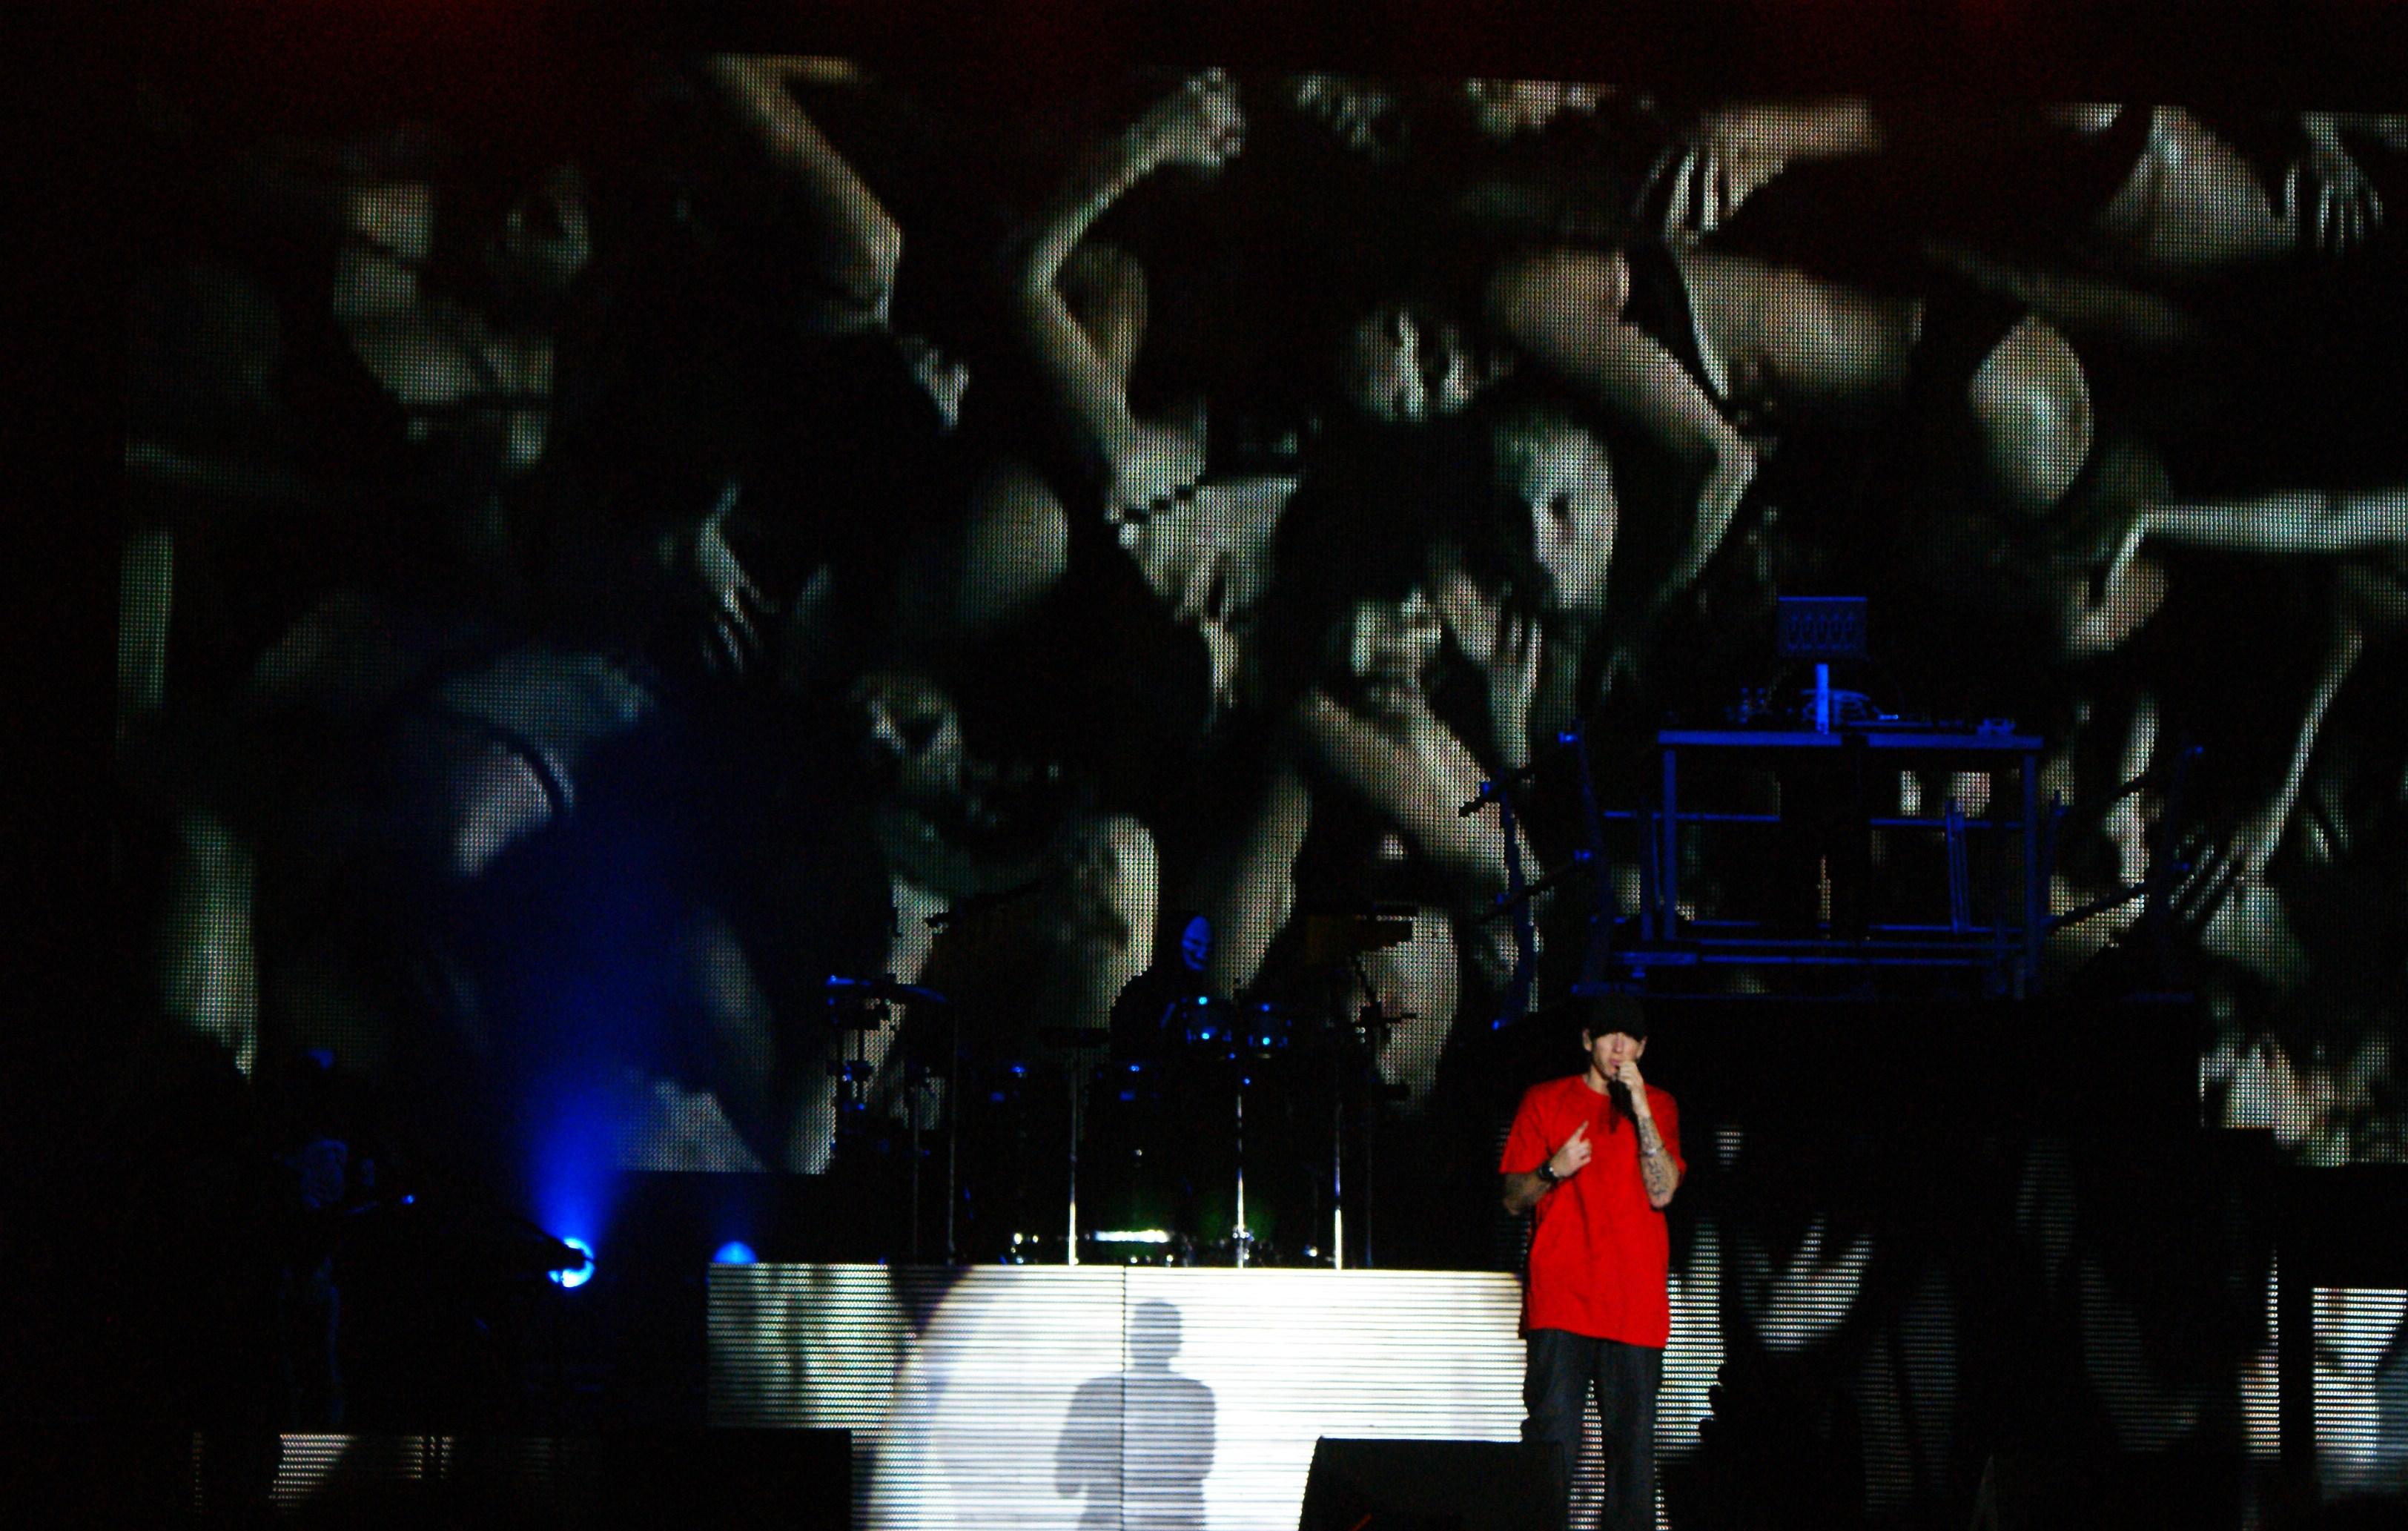 Sampoerna Wallpaper: eminem and proofs death  Eminem Proof Death